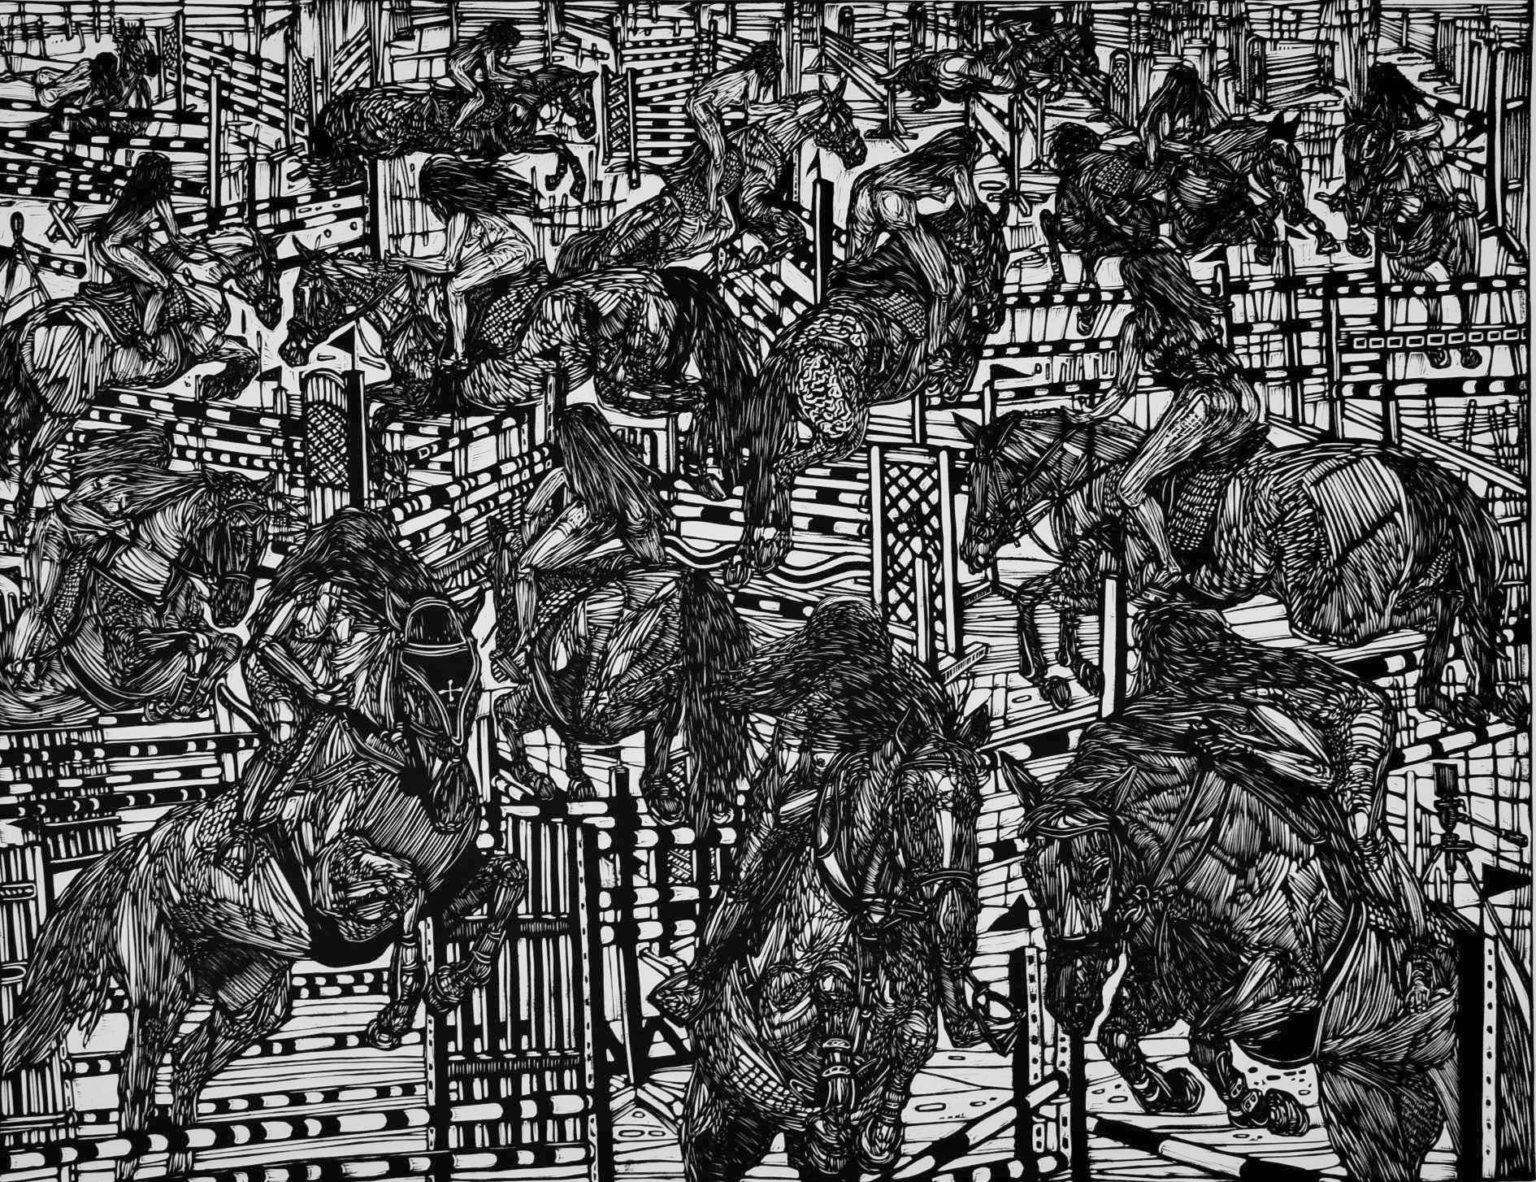 Linoryt Gracje na koniach o wymiarach 100x70 cm